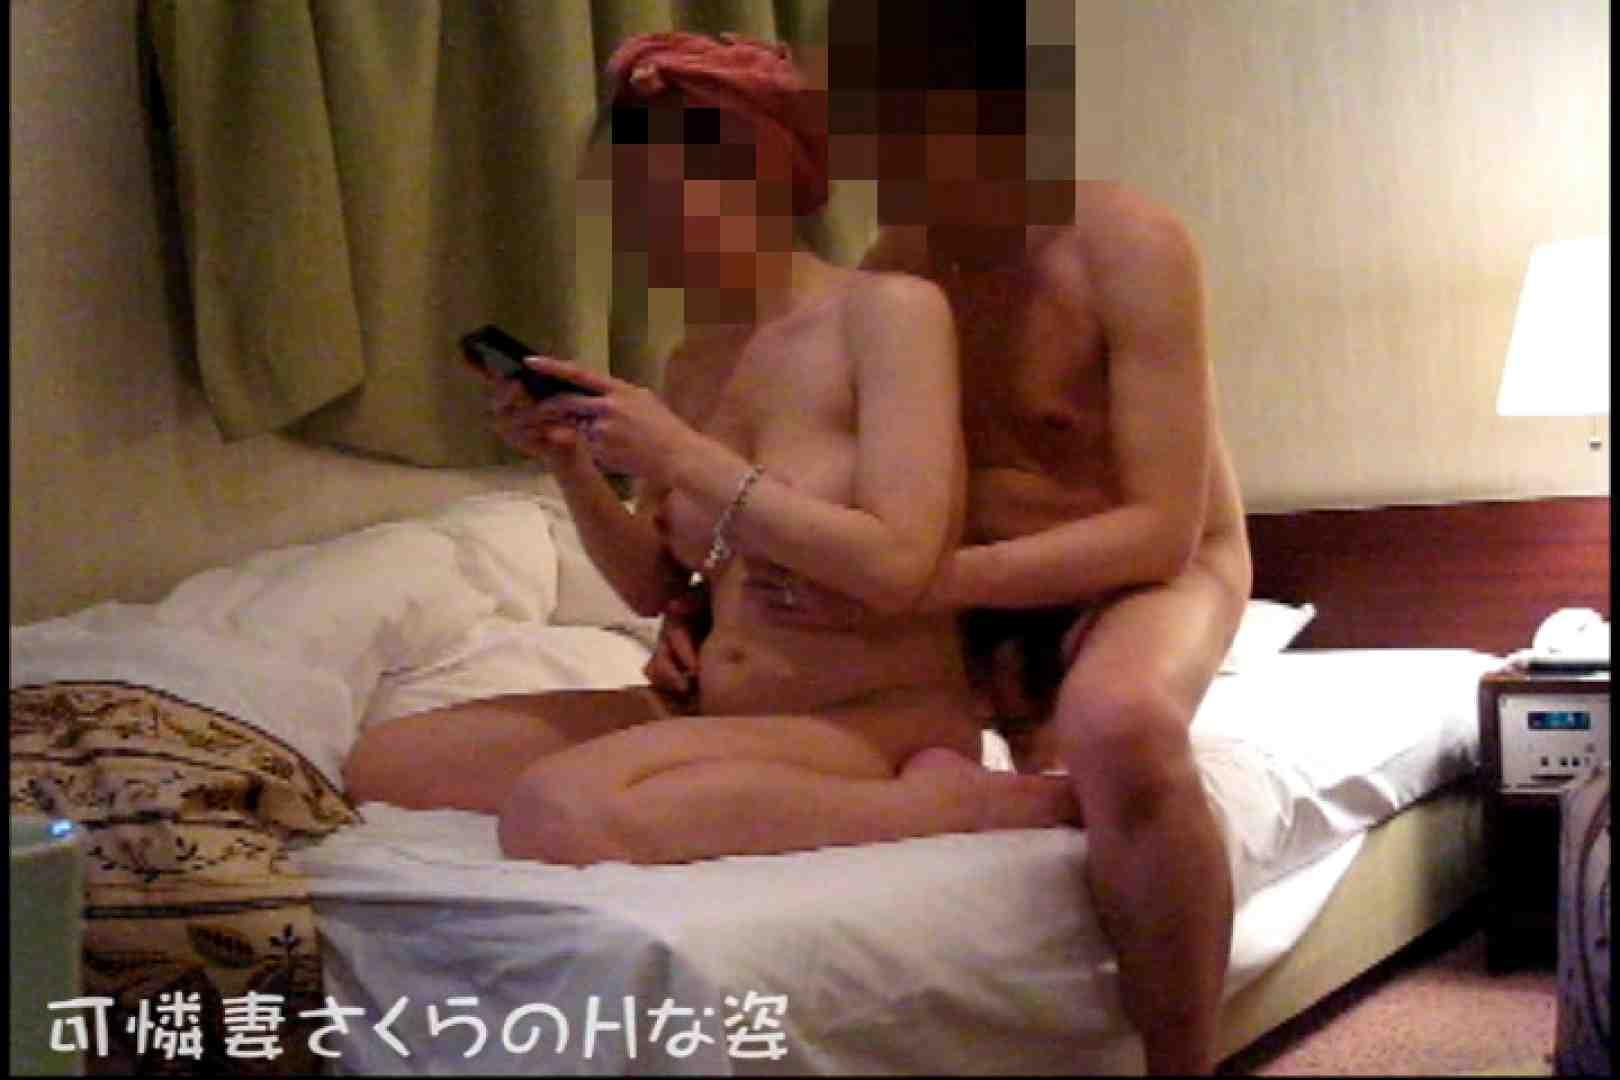 可憐妻さくらのHな姿vol.5前編 性欲 オマンコ無修正動画無料 63連発 5